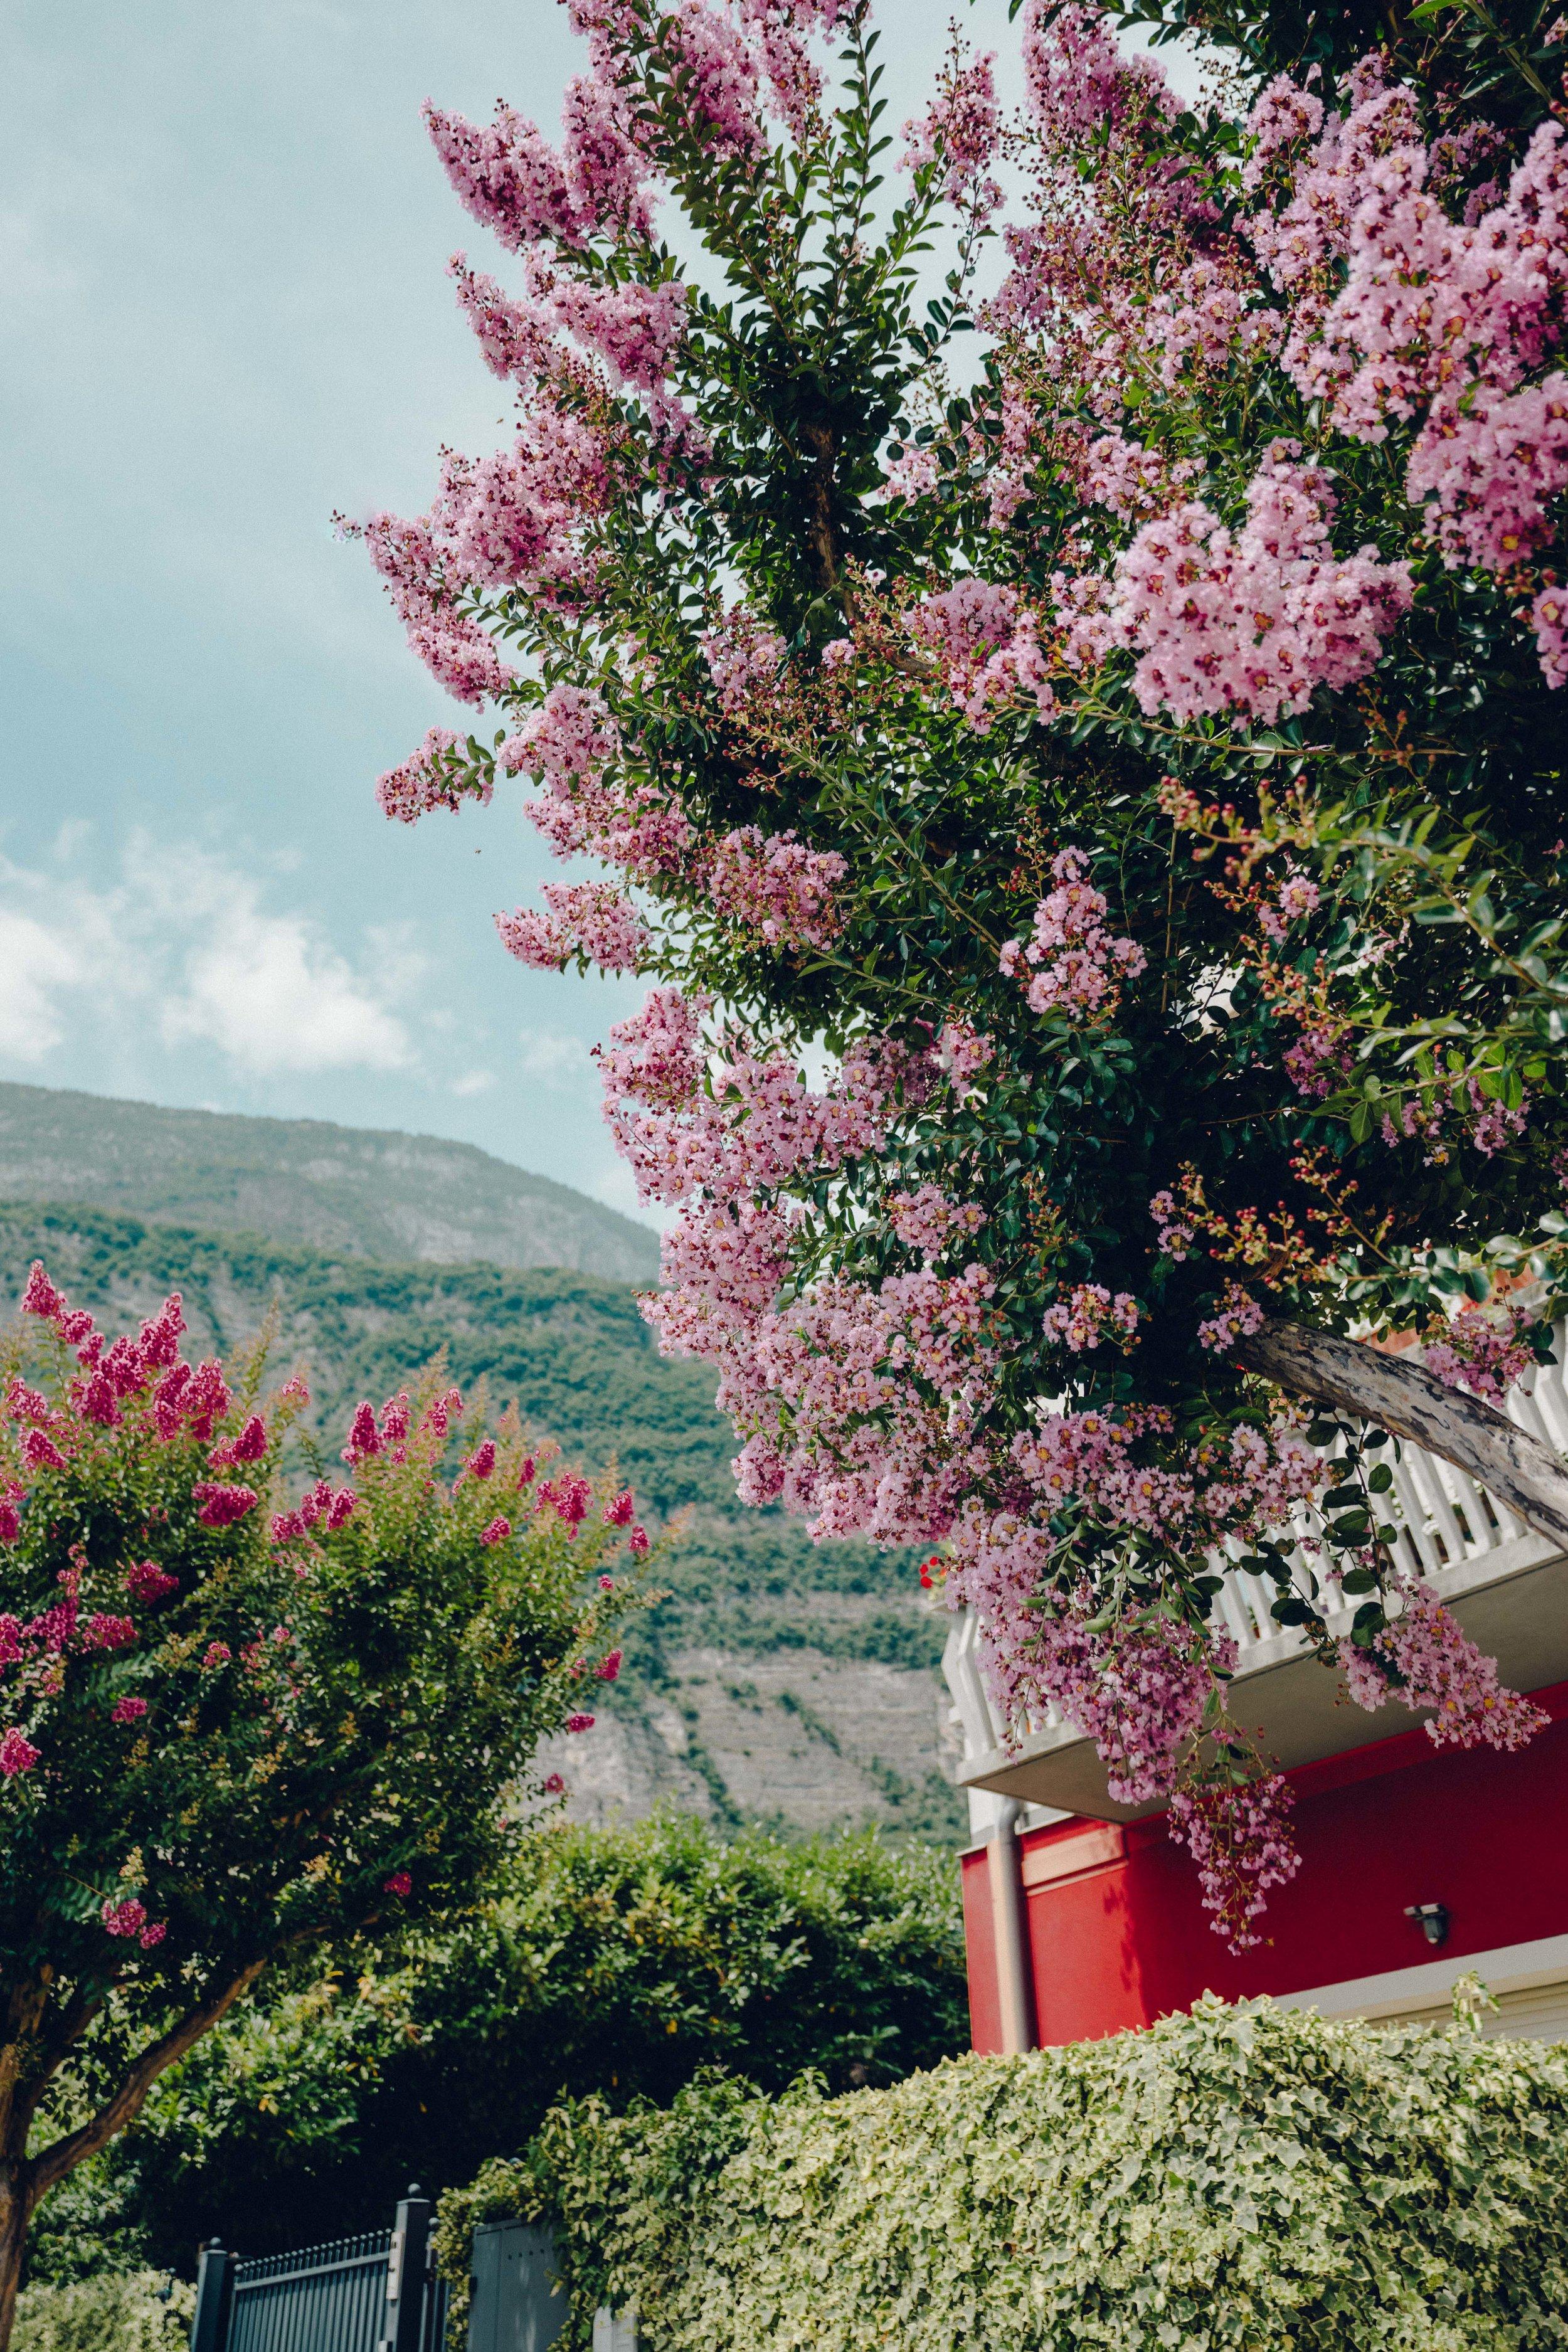 ASROSENVINGE_Italy_Roadtrip_Italy-06630.jpg